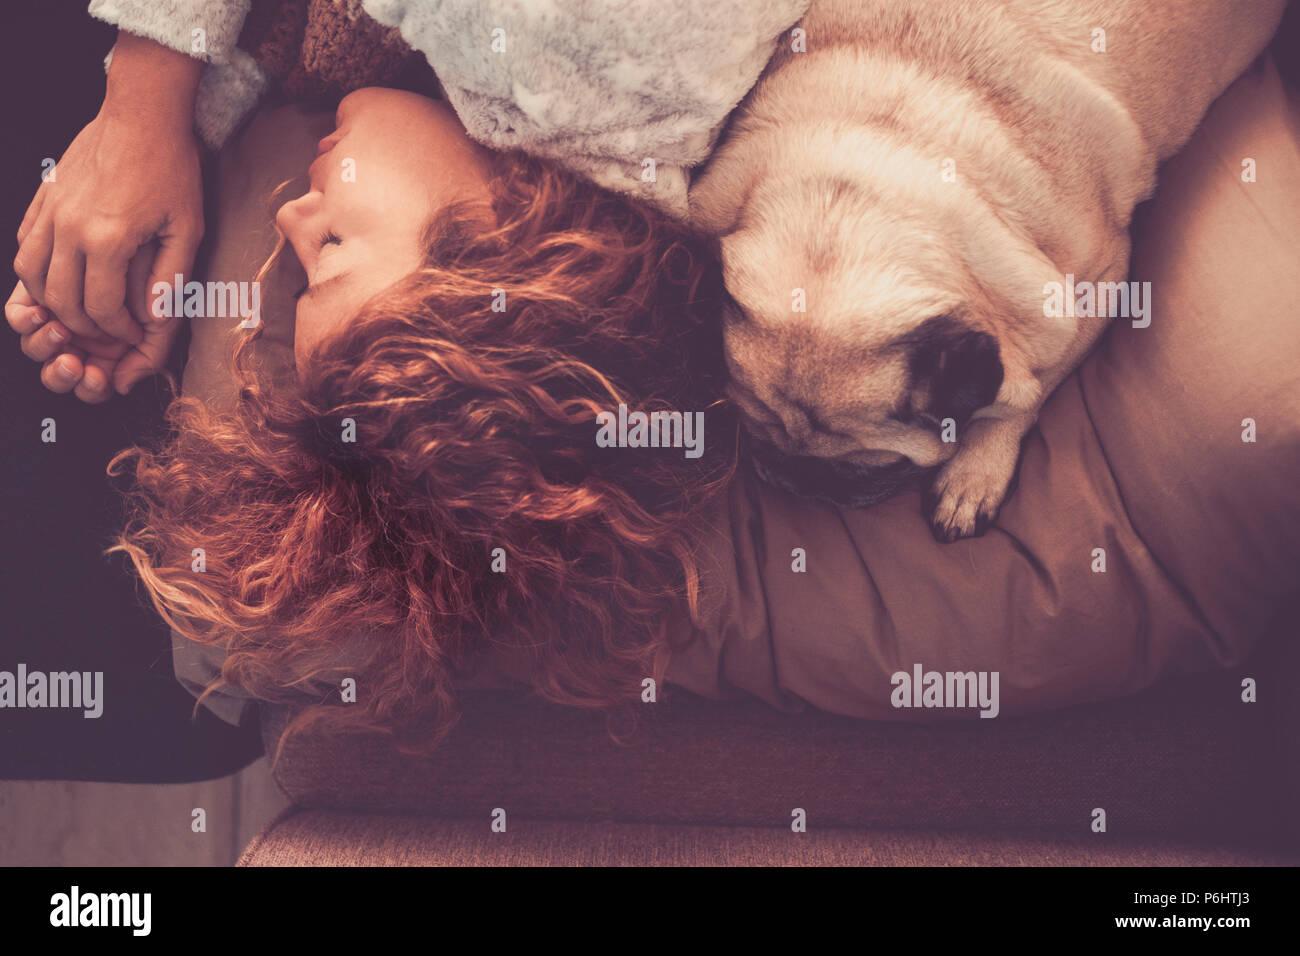 Freundschaft und Beziehung Konzept mit jungen schönen Frau und schöne Mops Hund zusammen Schlafen auf dem Bett am Morgen. näher mit Liebe und Swee Stockbild